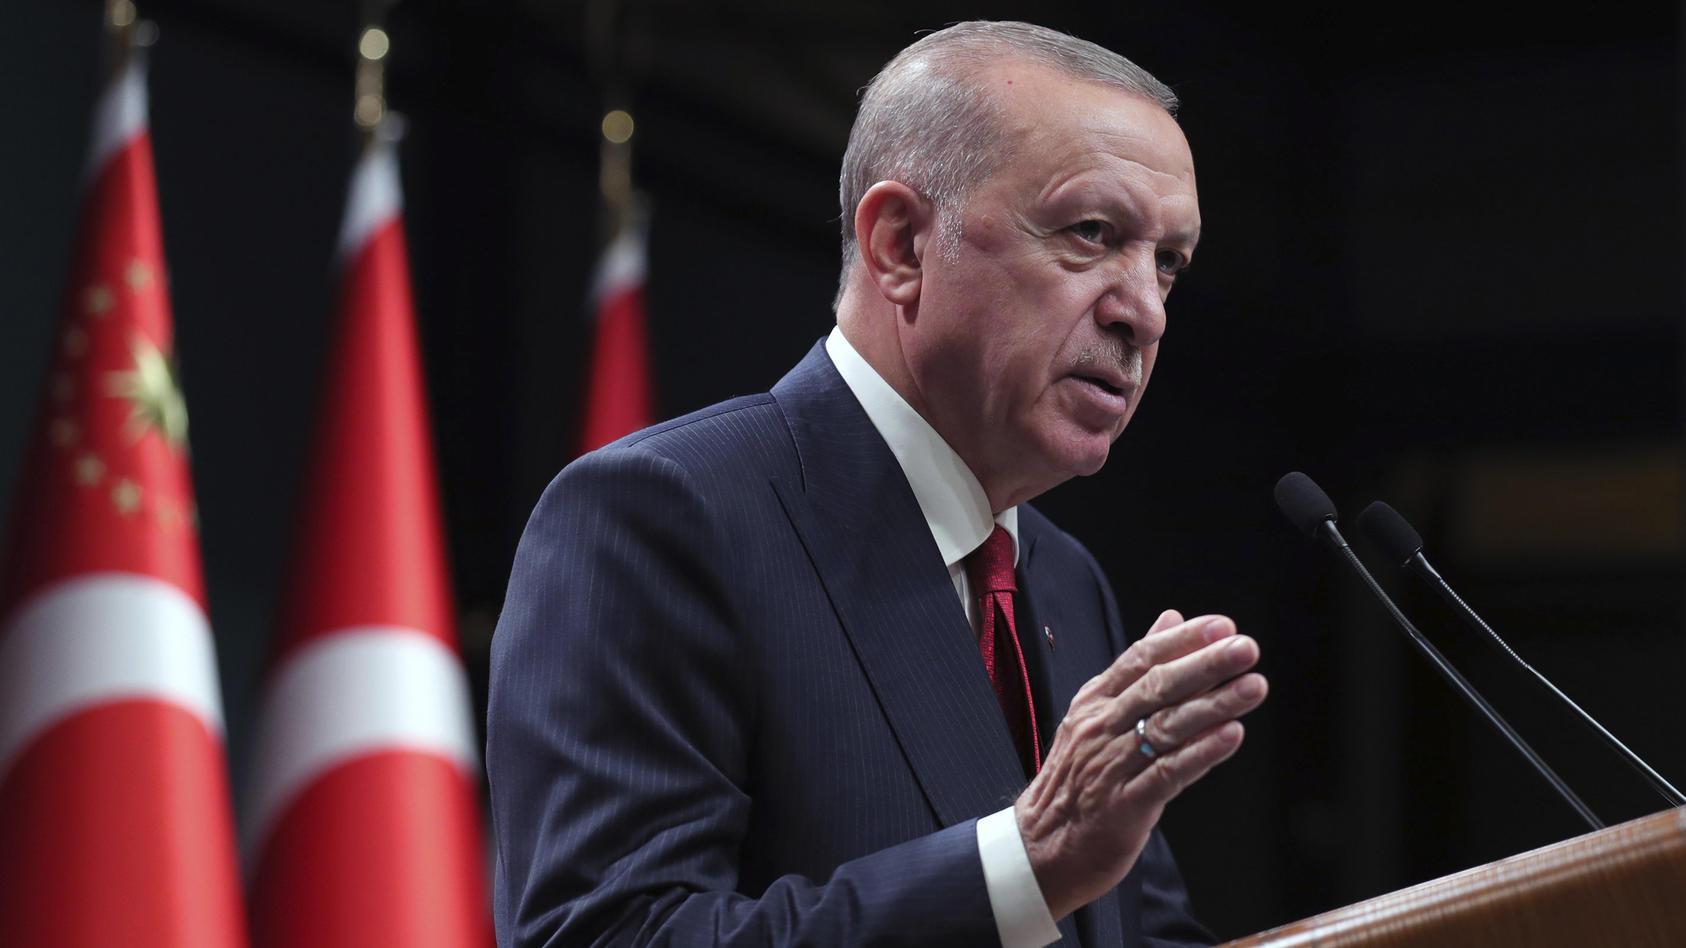 der-turkische-prasident-erdogan-hat-botschafter-mehrerer-staaten-zu-unerwunschten-personen-erklart